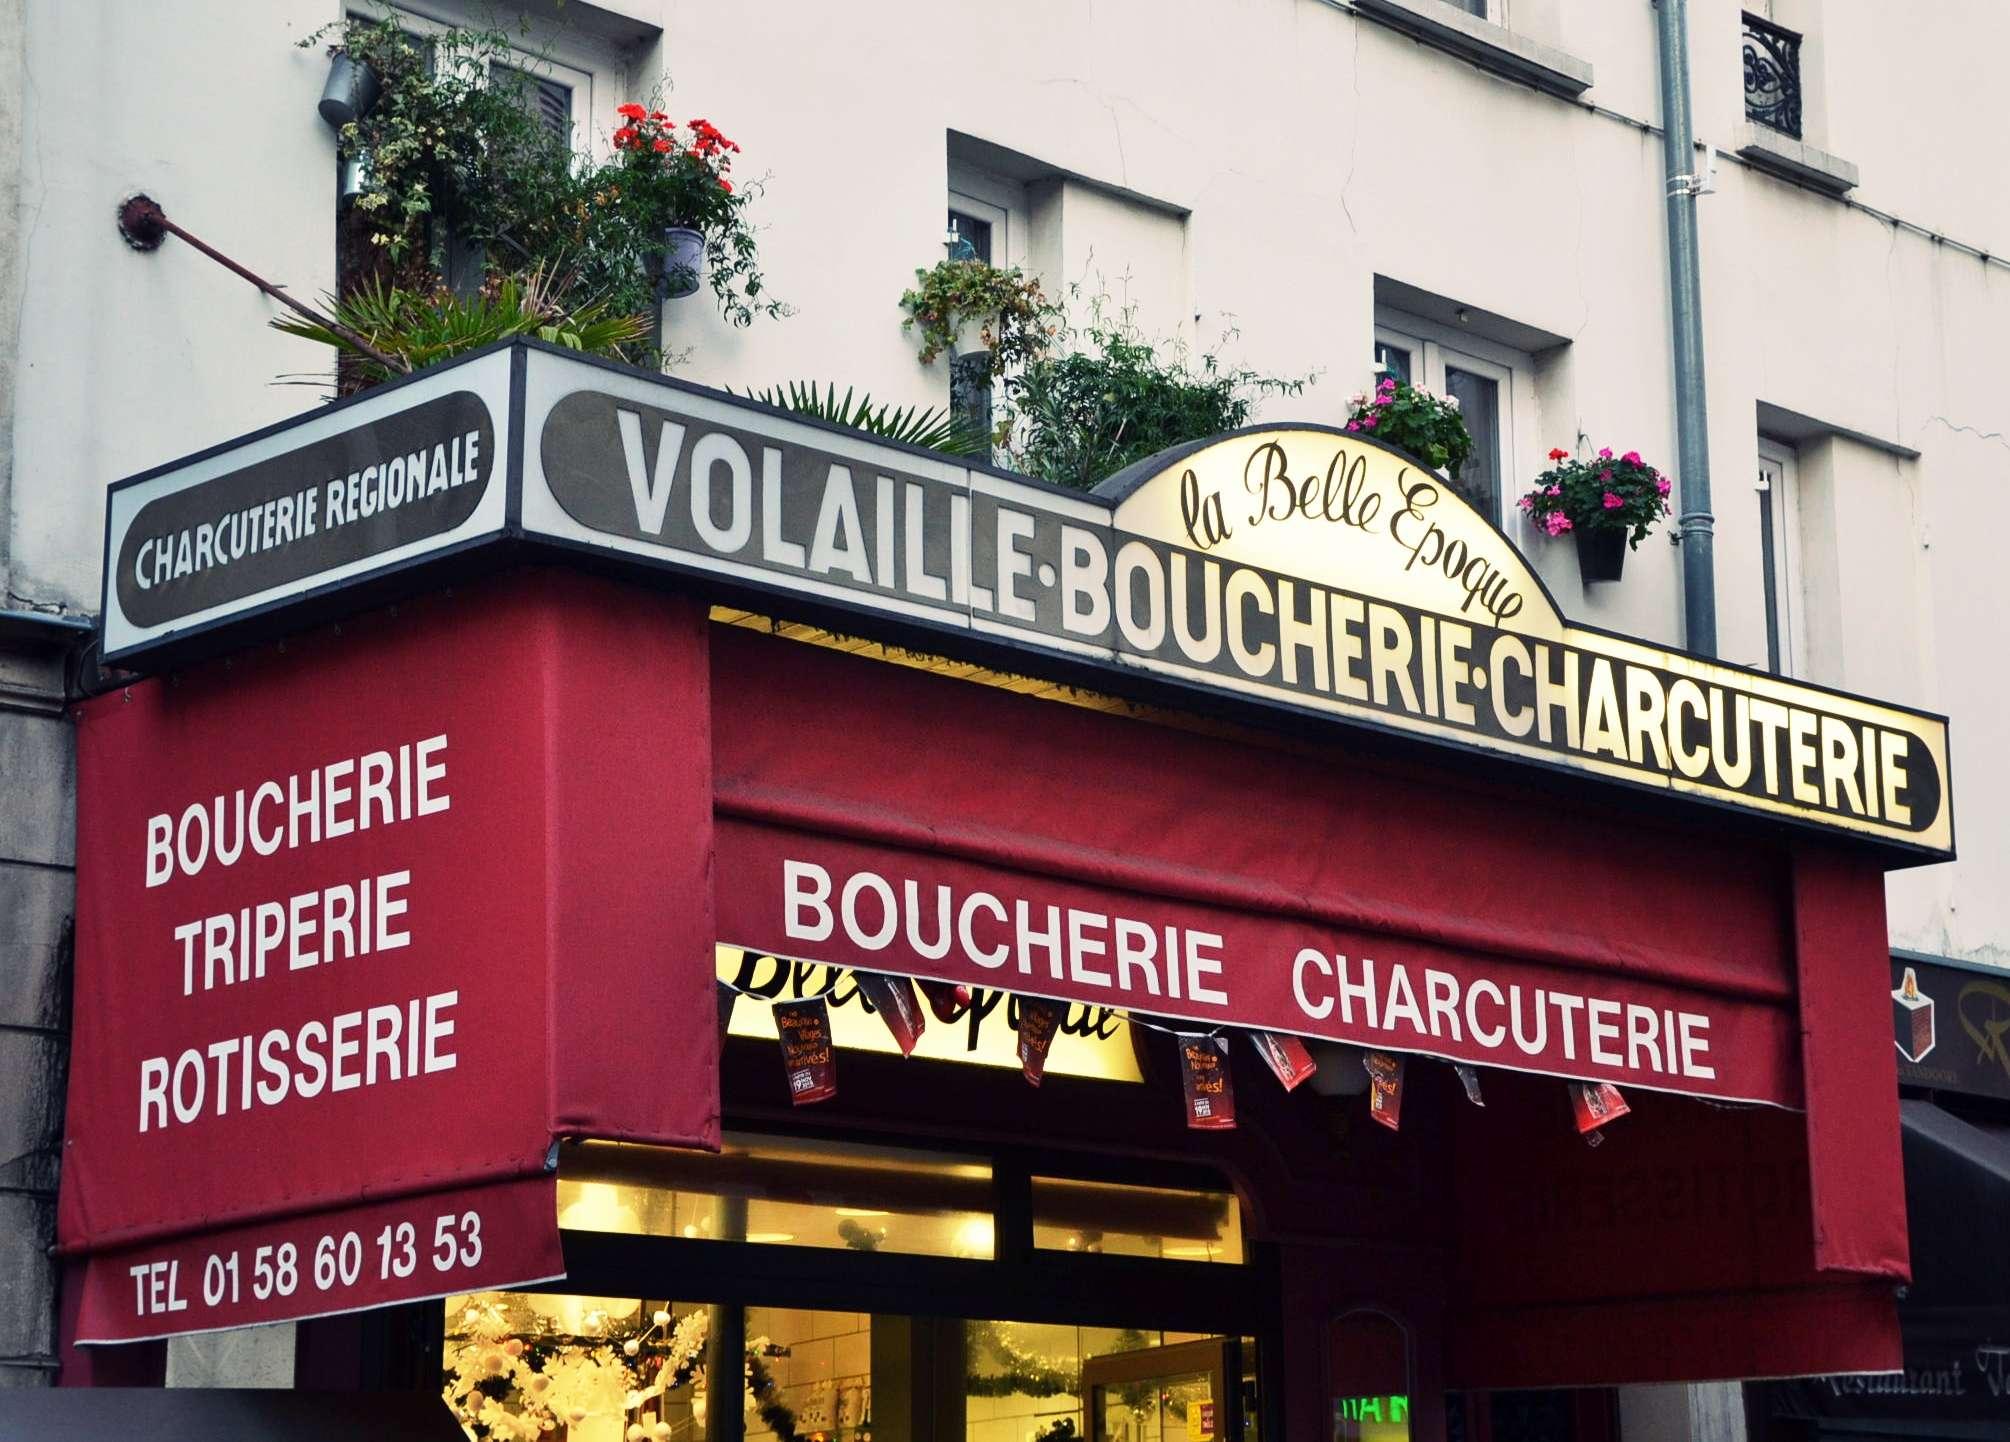 boucherie charcuterie triperie la belle époque paris 17 rue de la jonquière petits commerces petitscommerces.fr. 2